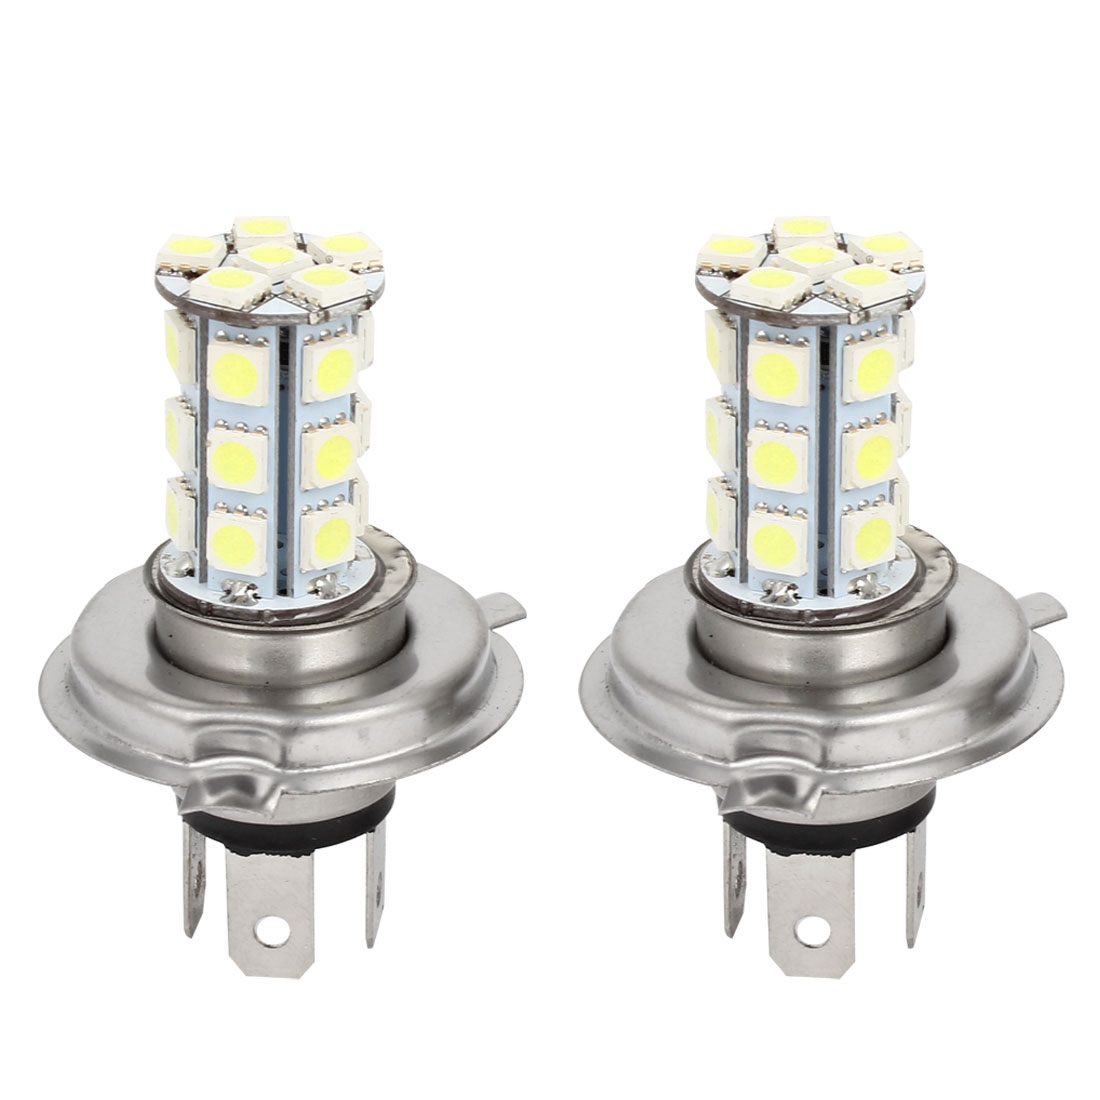 DC 12V Car Auto White H4 5050 24 LED Foglight Head Light Lamp 2 Pcs